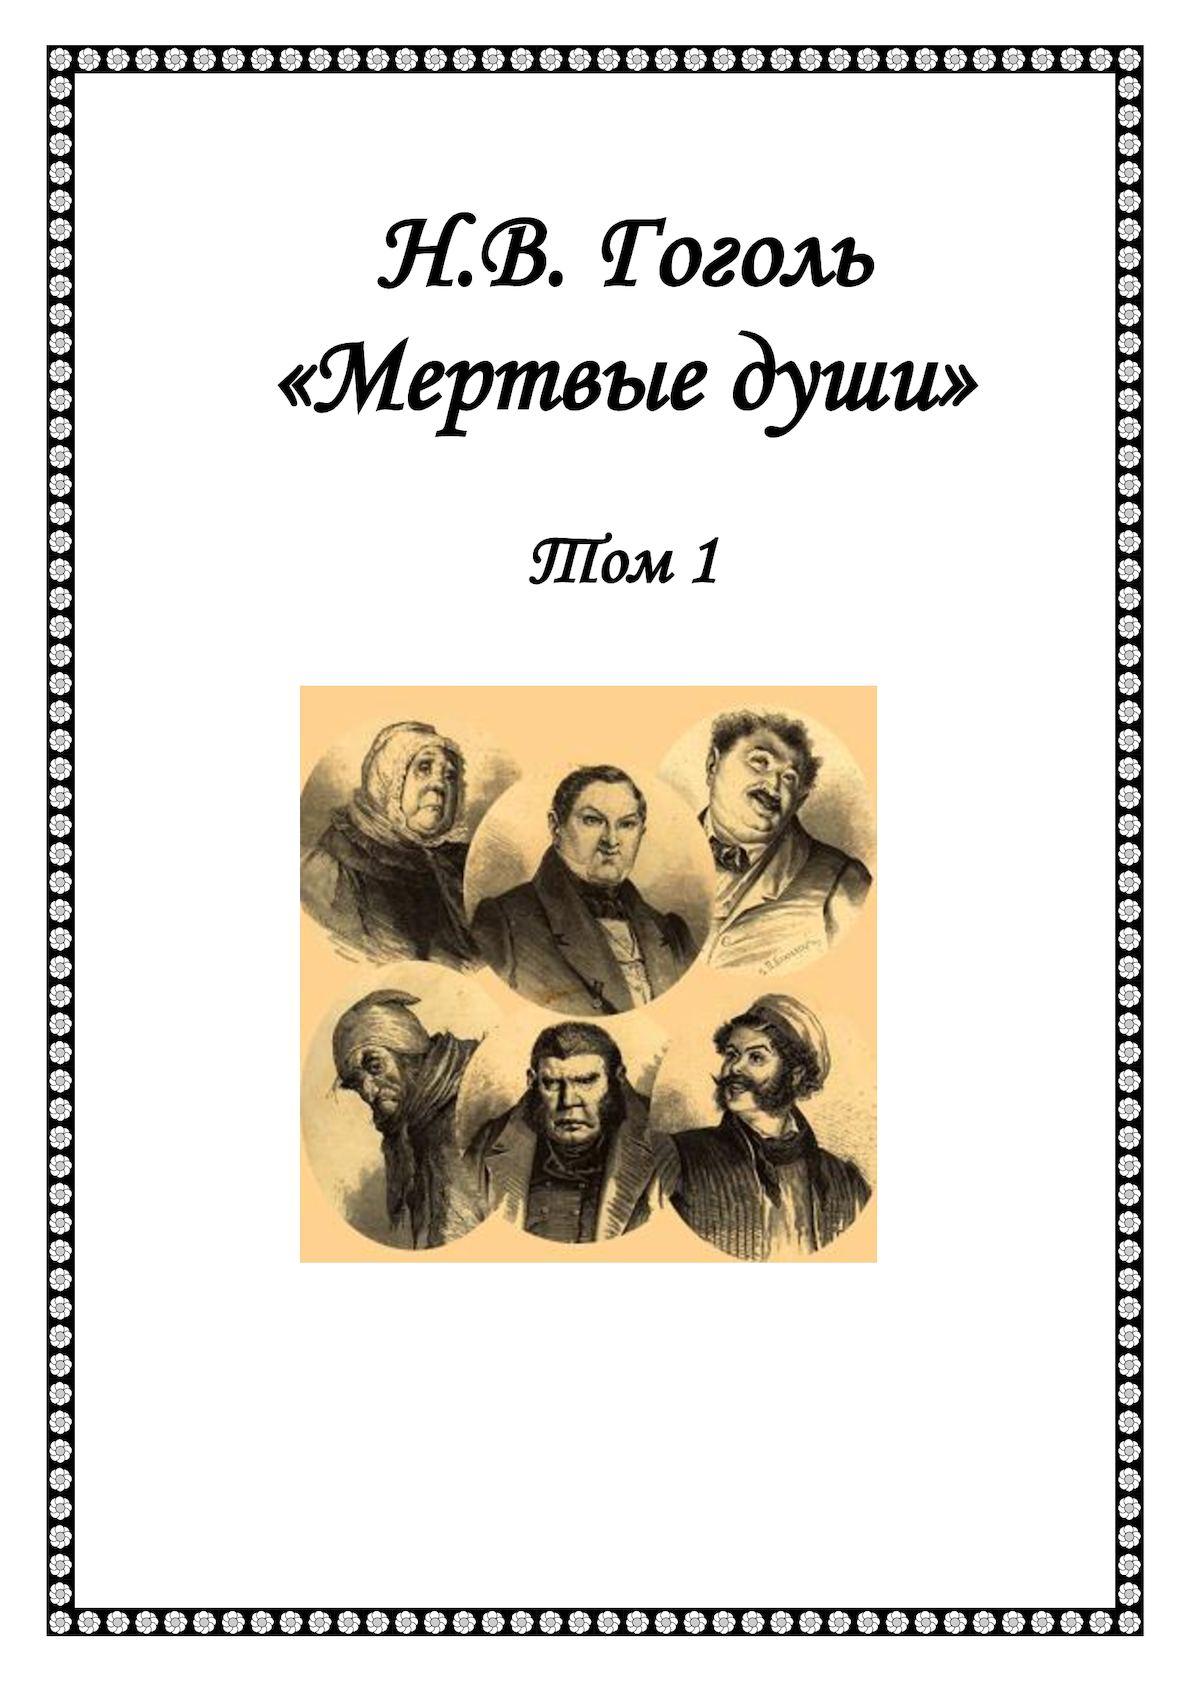 patsan-viskochil-iz-shkafa-i-udovletvoril-stroynuyu-madam